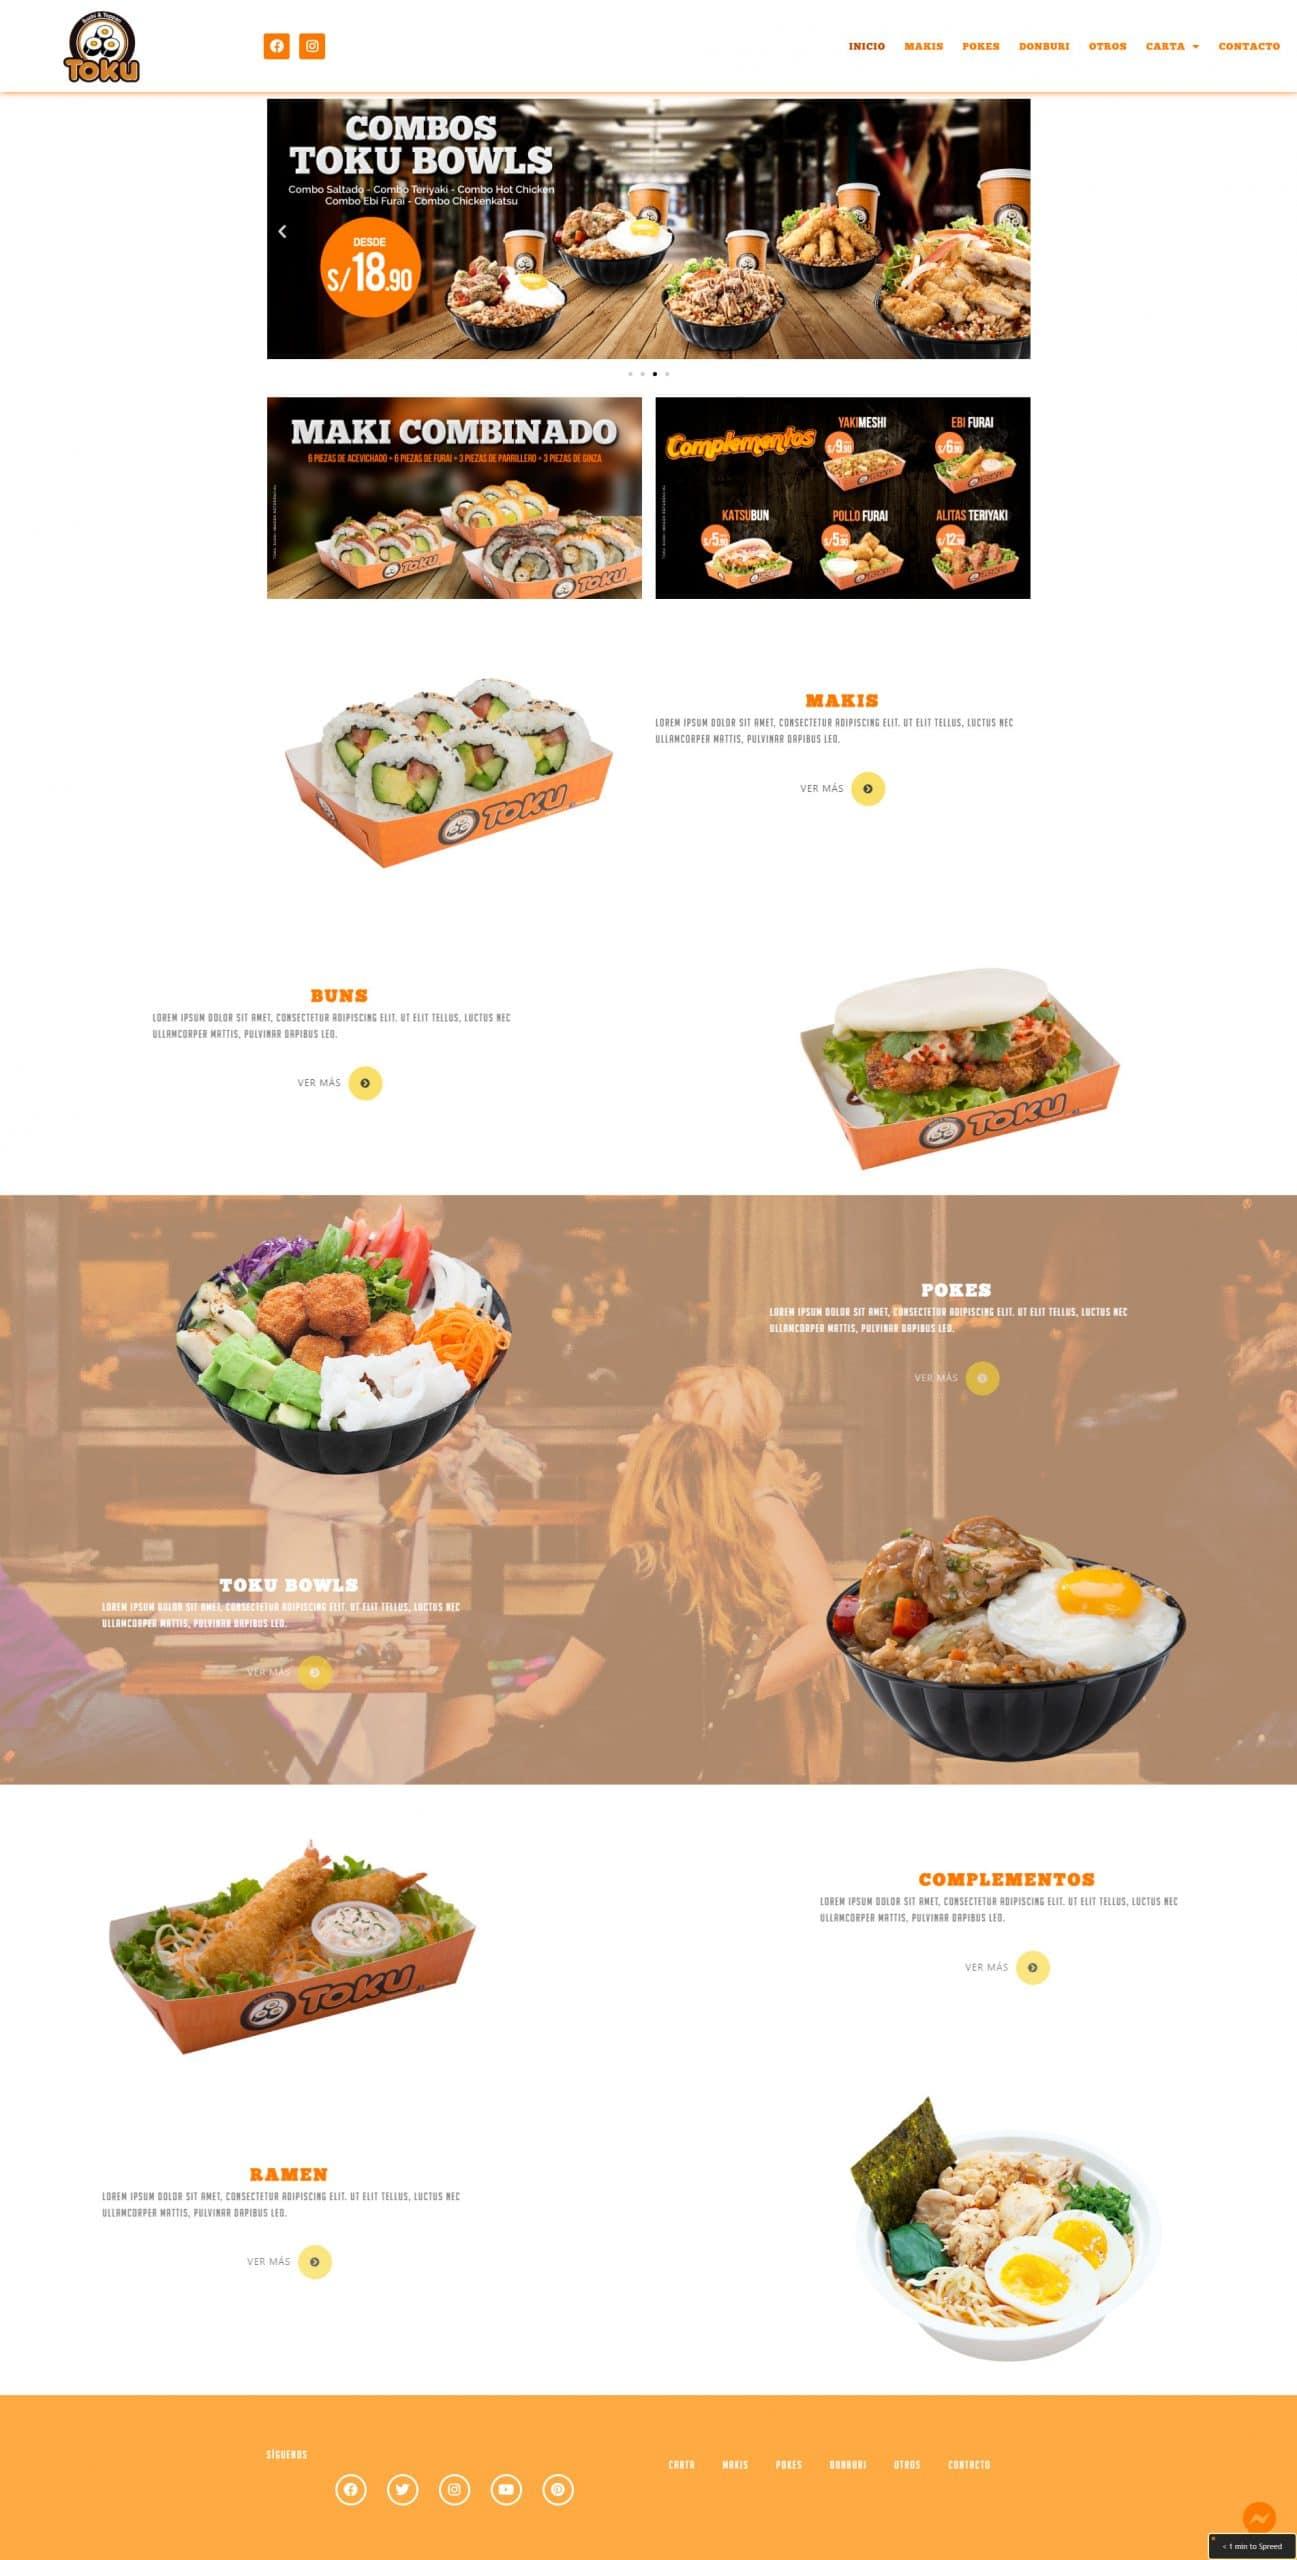 toku sushi by edo